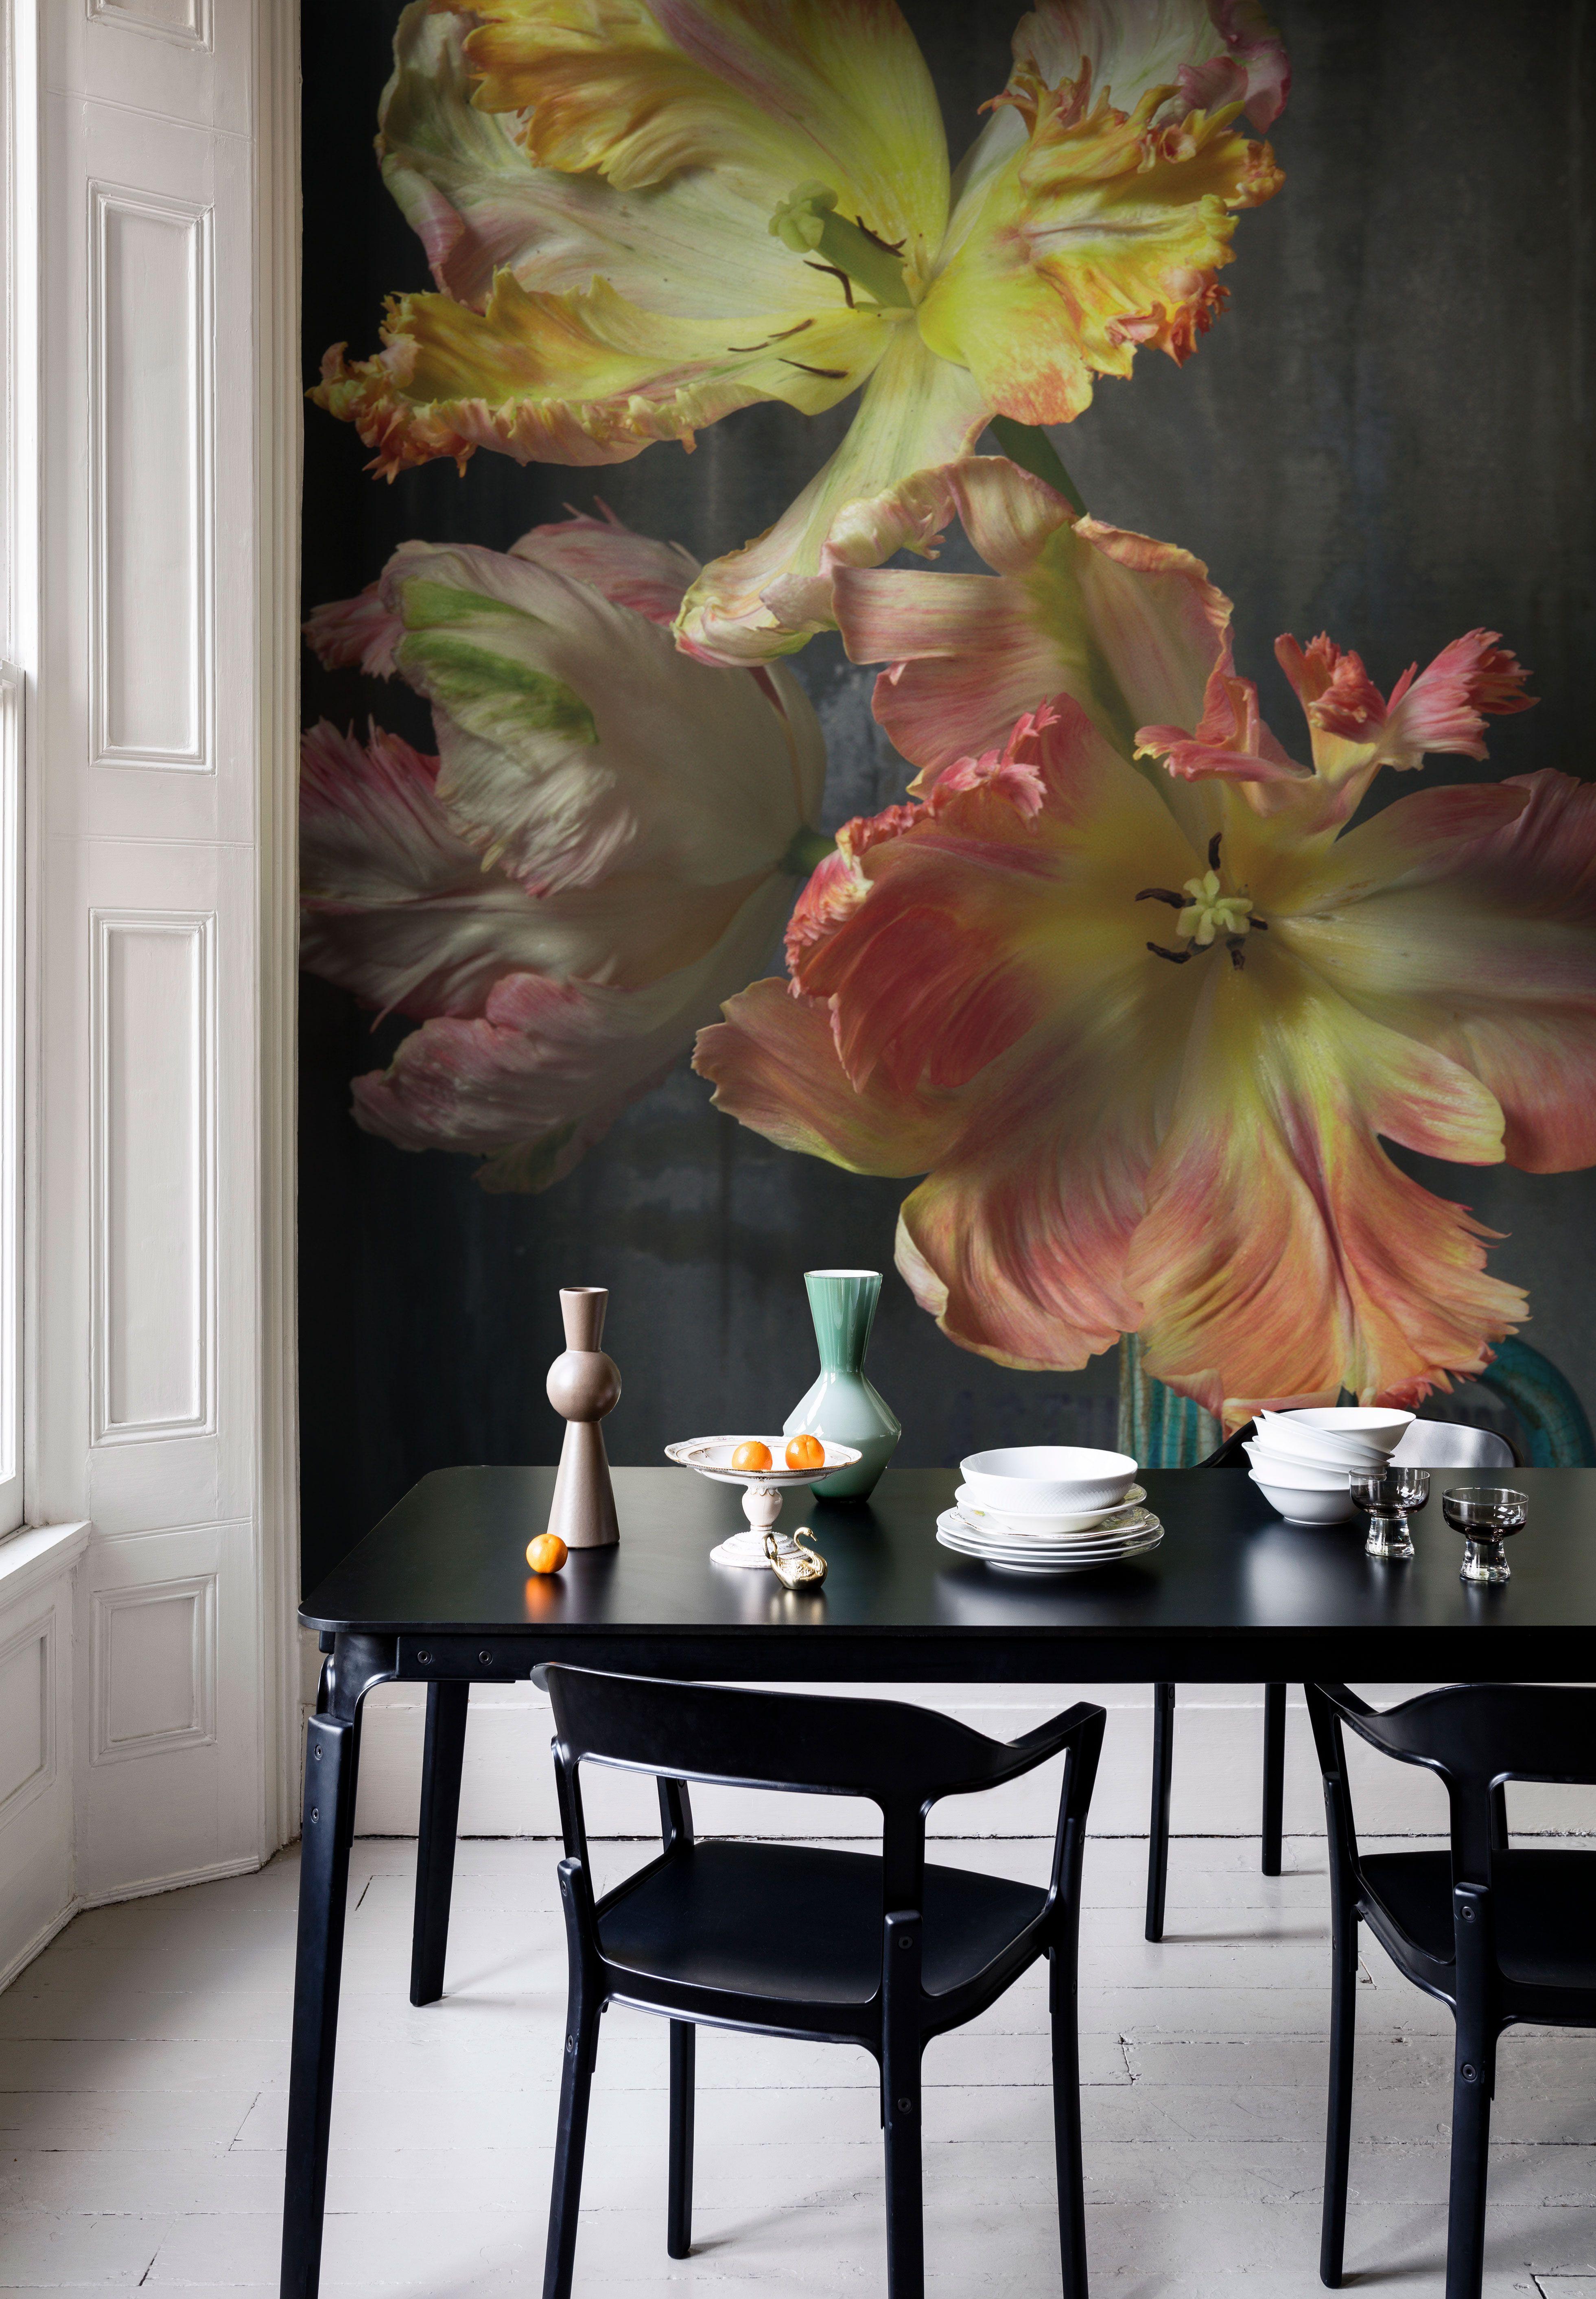 Bursting Flower Still Mural Trunk Archive Collection from £65 per sq WandverkleidungWandgestaltungStrukturierte WändeTapeten SchlafzimmerHaus